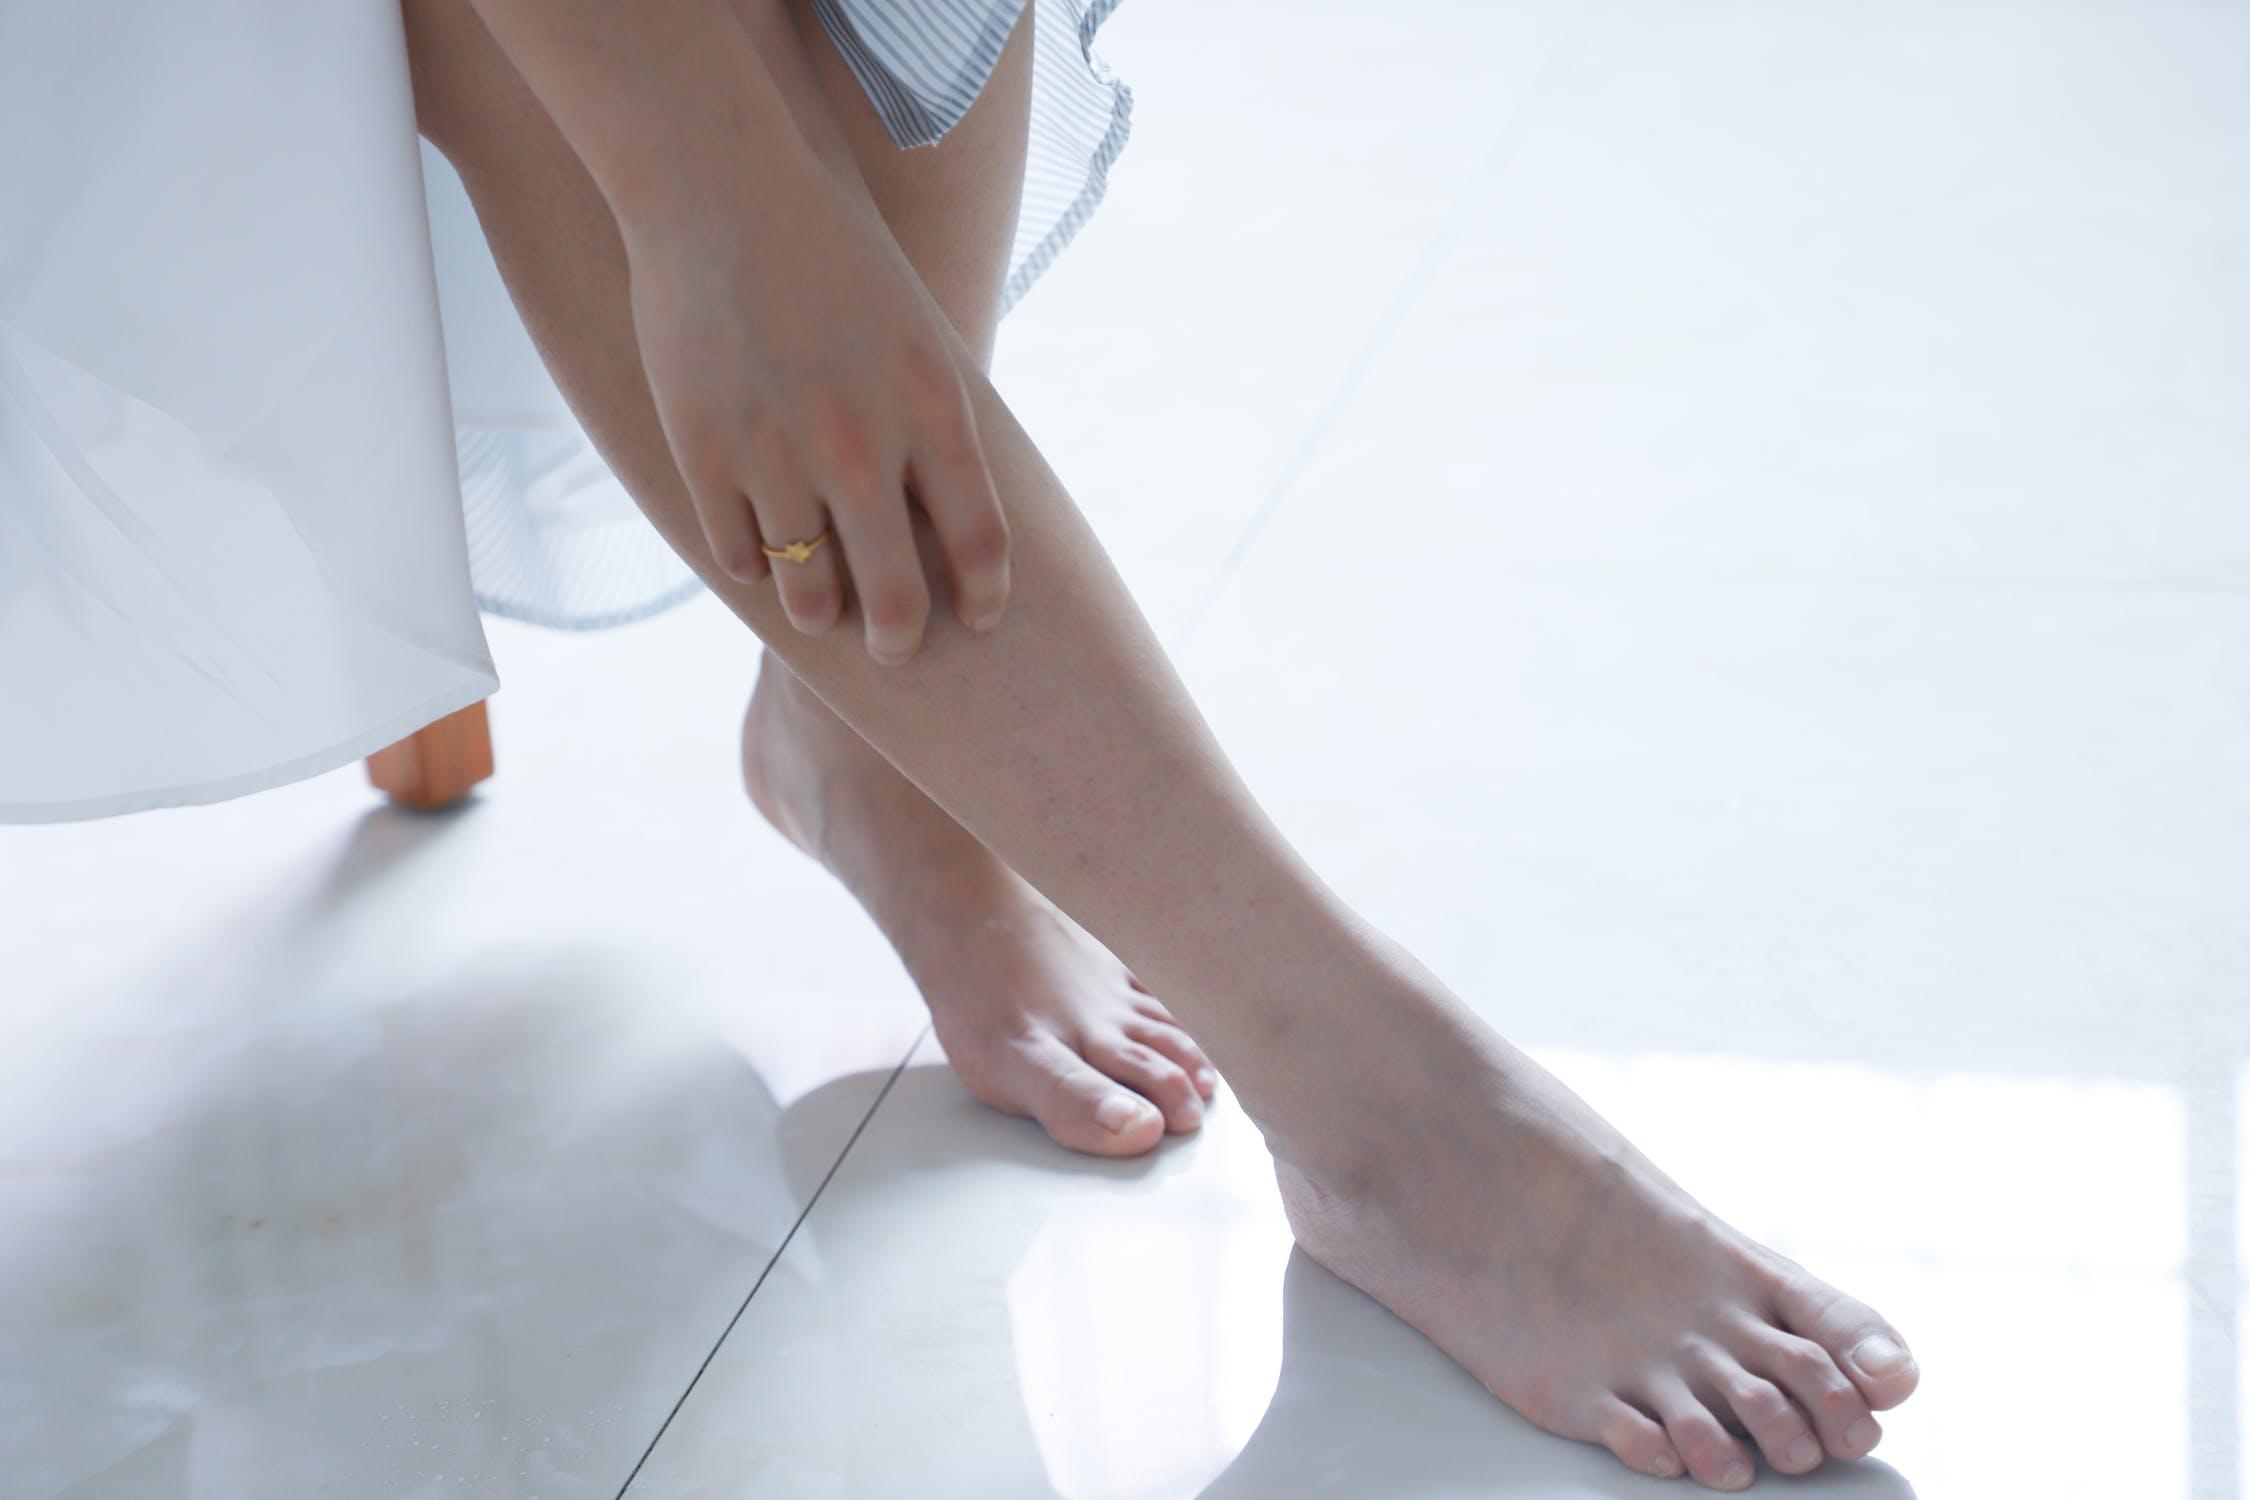 Crema piedi: Migliori idratanti più efficaci [Classifica 2020]